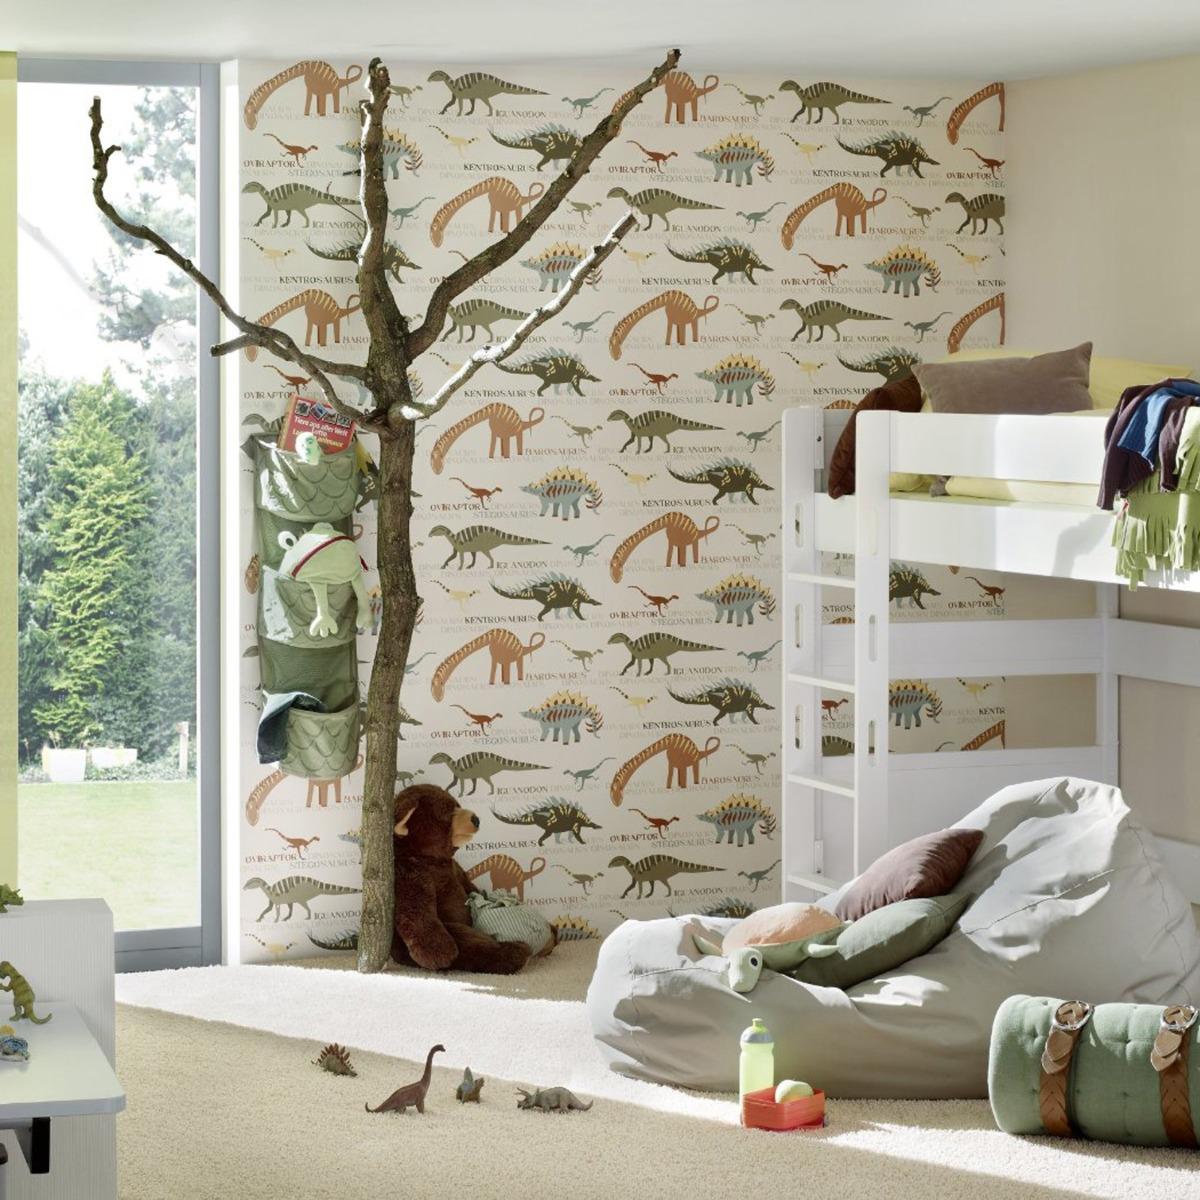 Dinosaur Wallpaper Natural and Green AS Creation